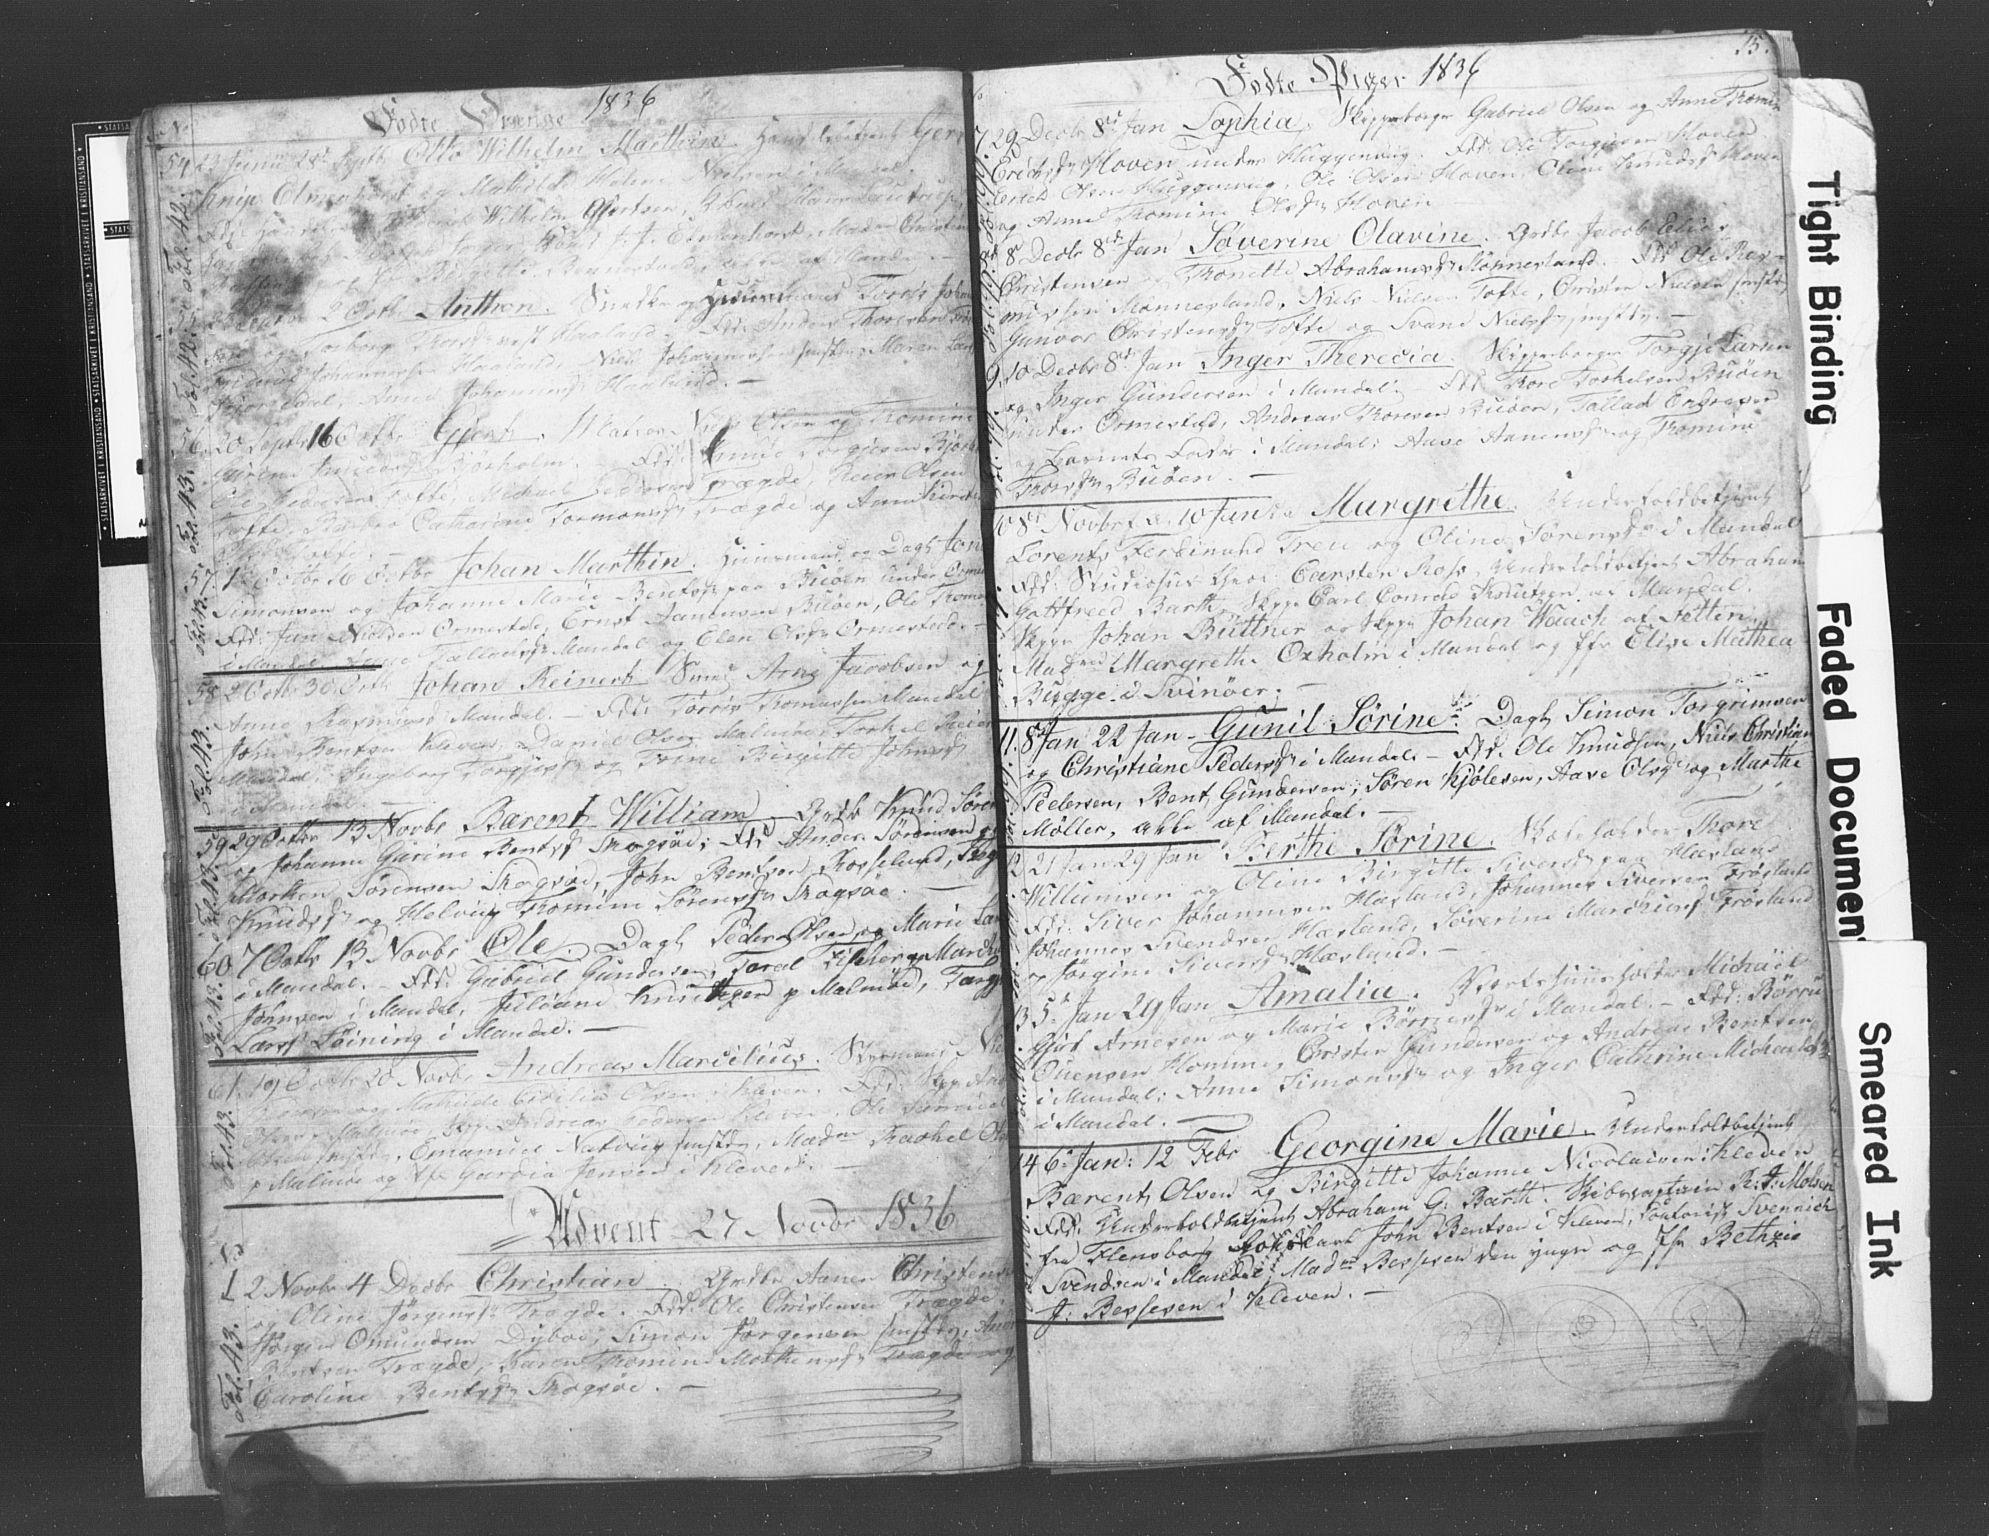 SAK, Mandal sokneprestkontor, F/Fb/Fba/L0003: Klokkerbok nr. B 1C, 1834-1838, s. 15